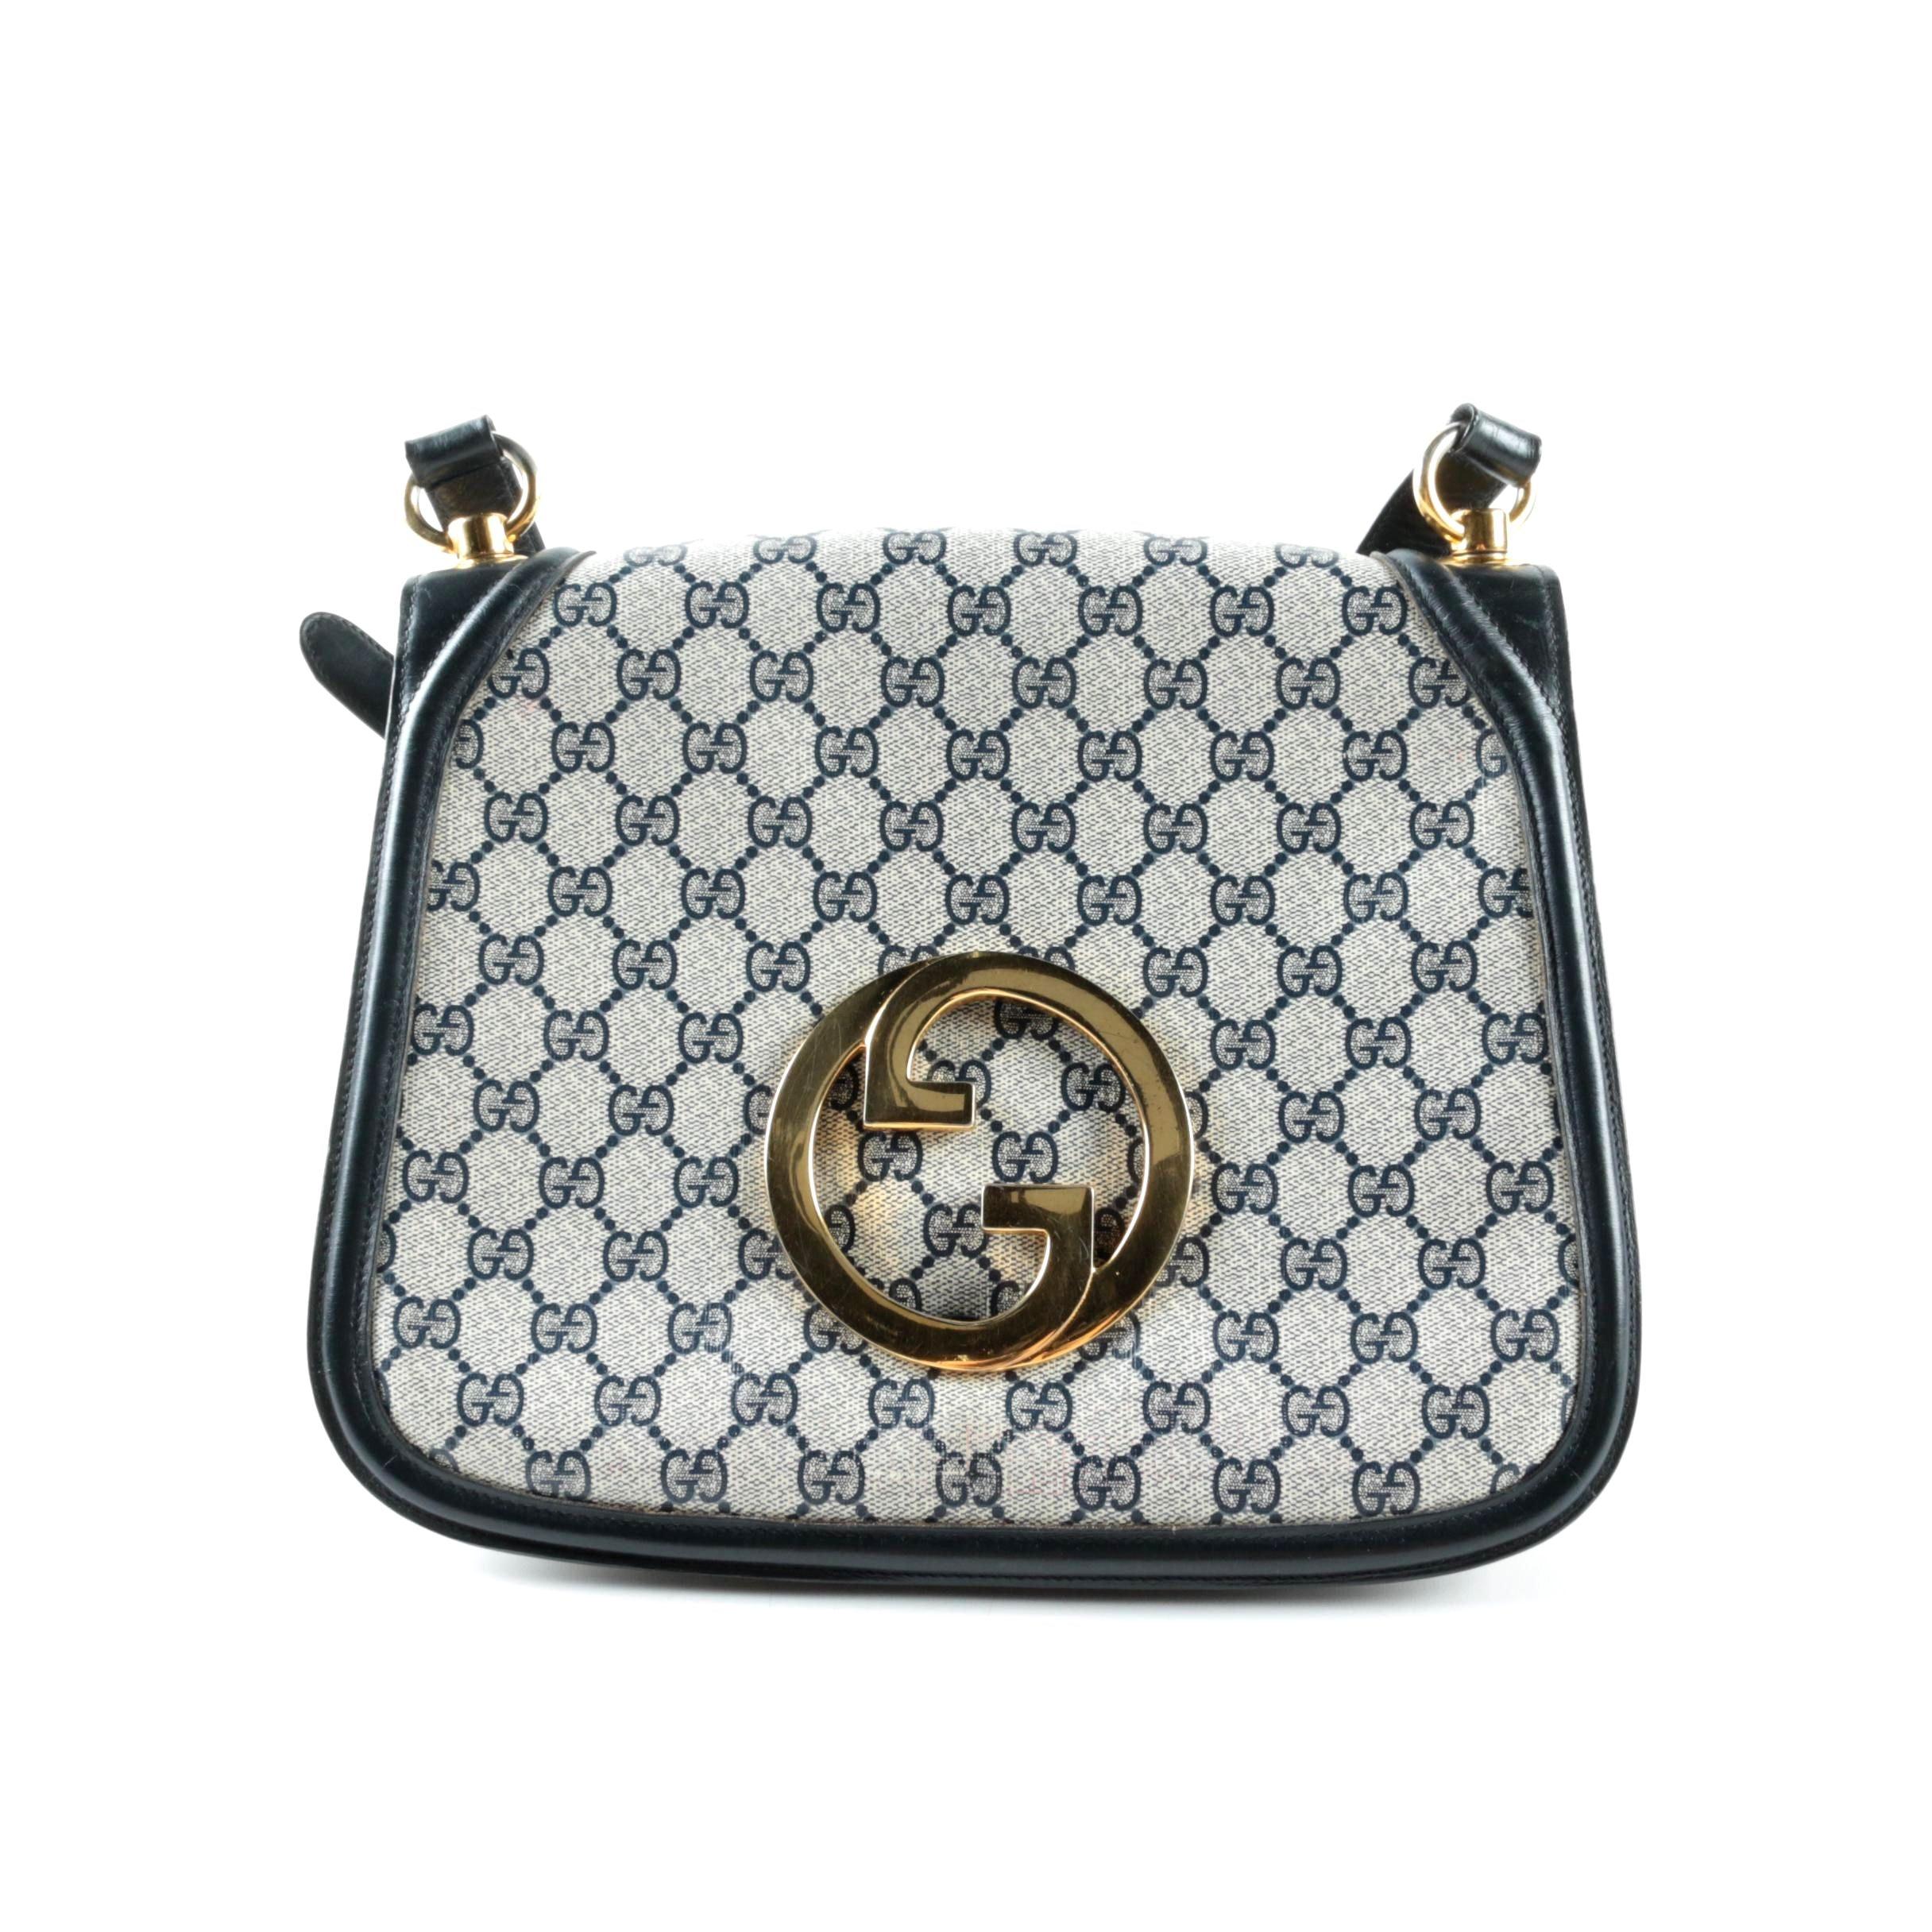 Vintage Gucci GG Supreme Canvas Handbag